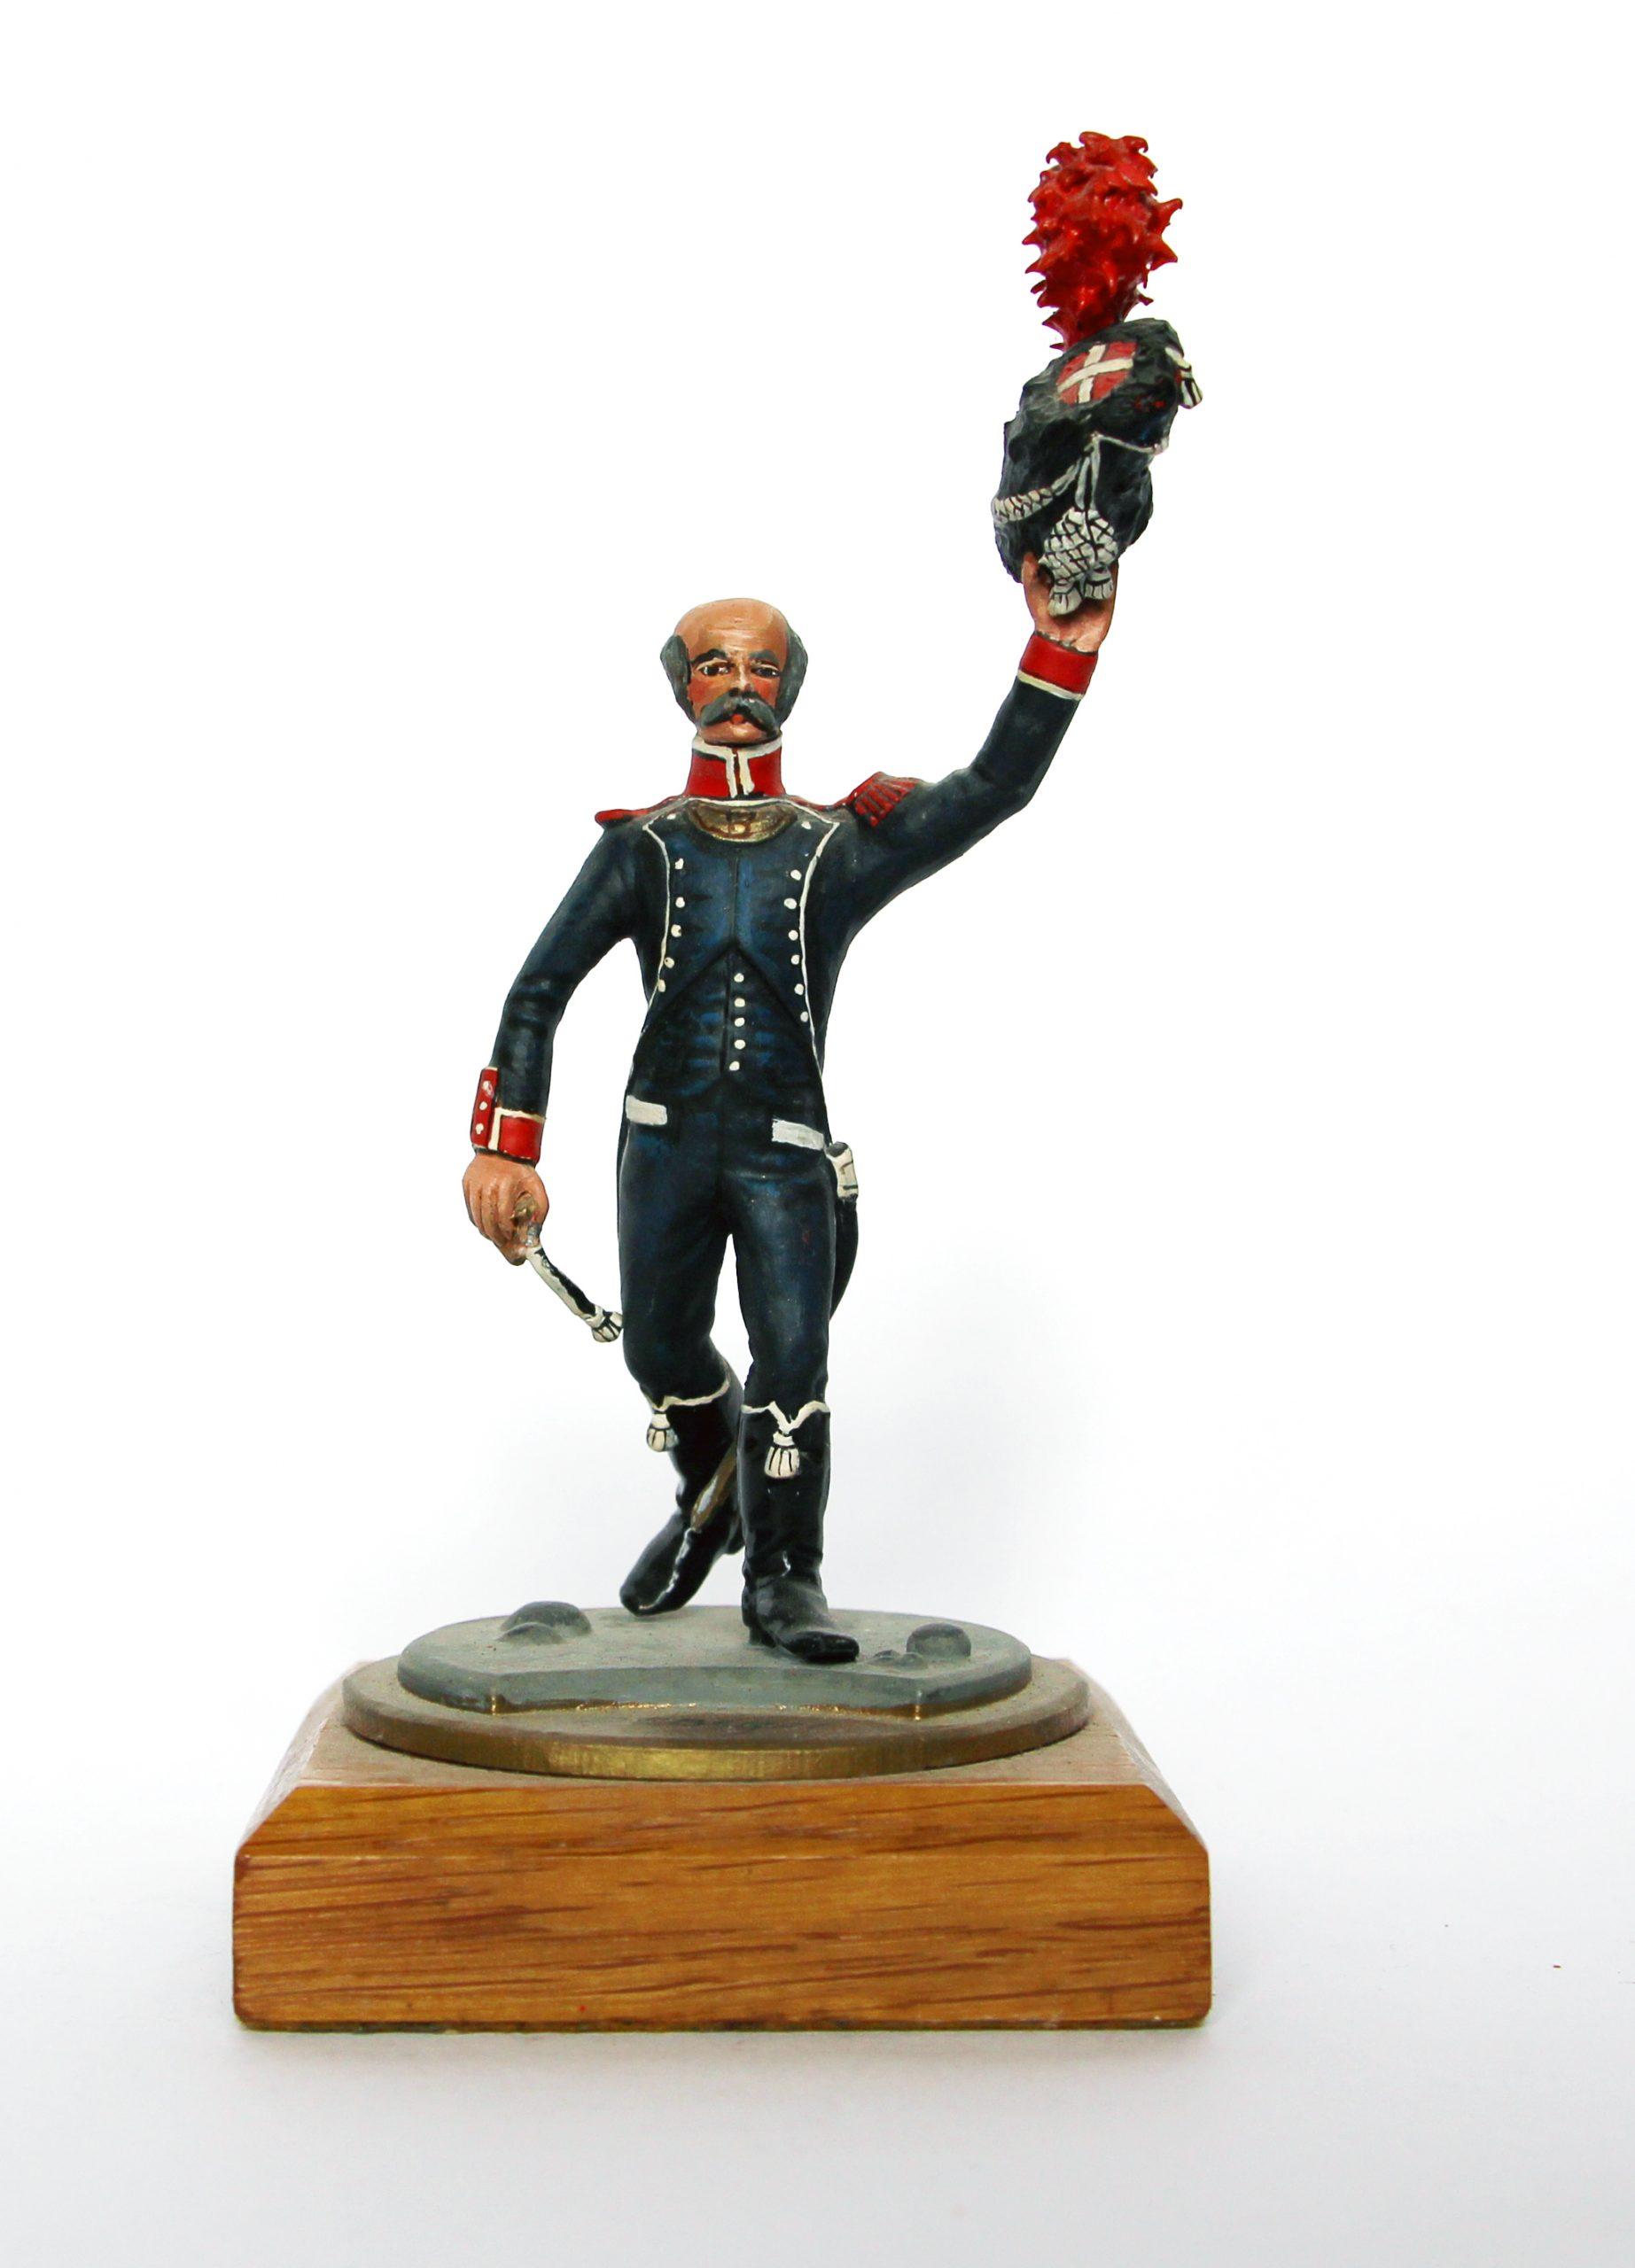 Figurine Series 77 - Peinture collectionneur - Officier des Carabiniers d'infanterie légère - 1er Empire 1809